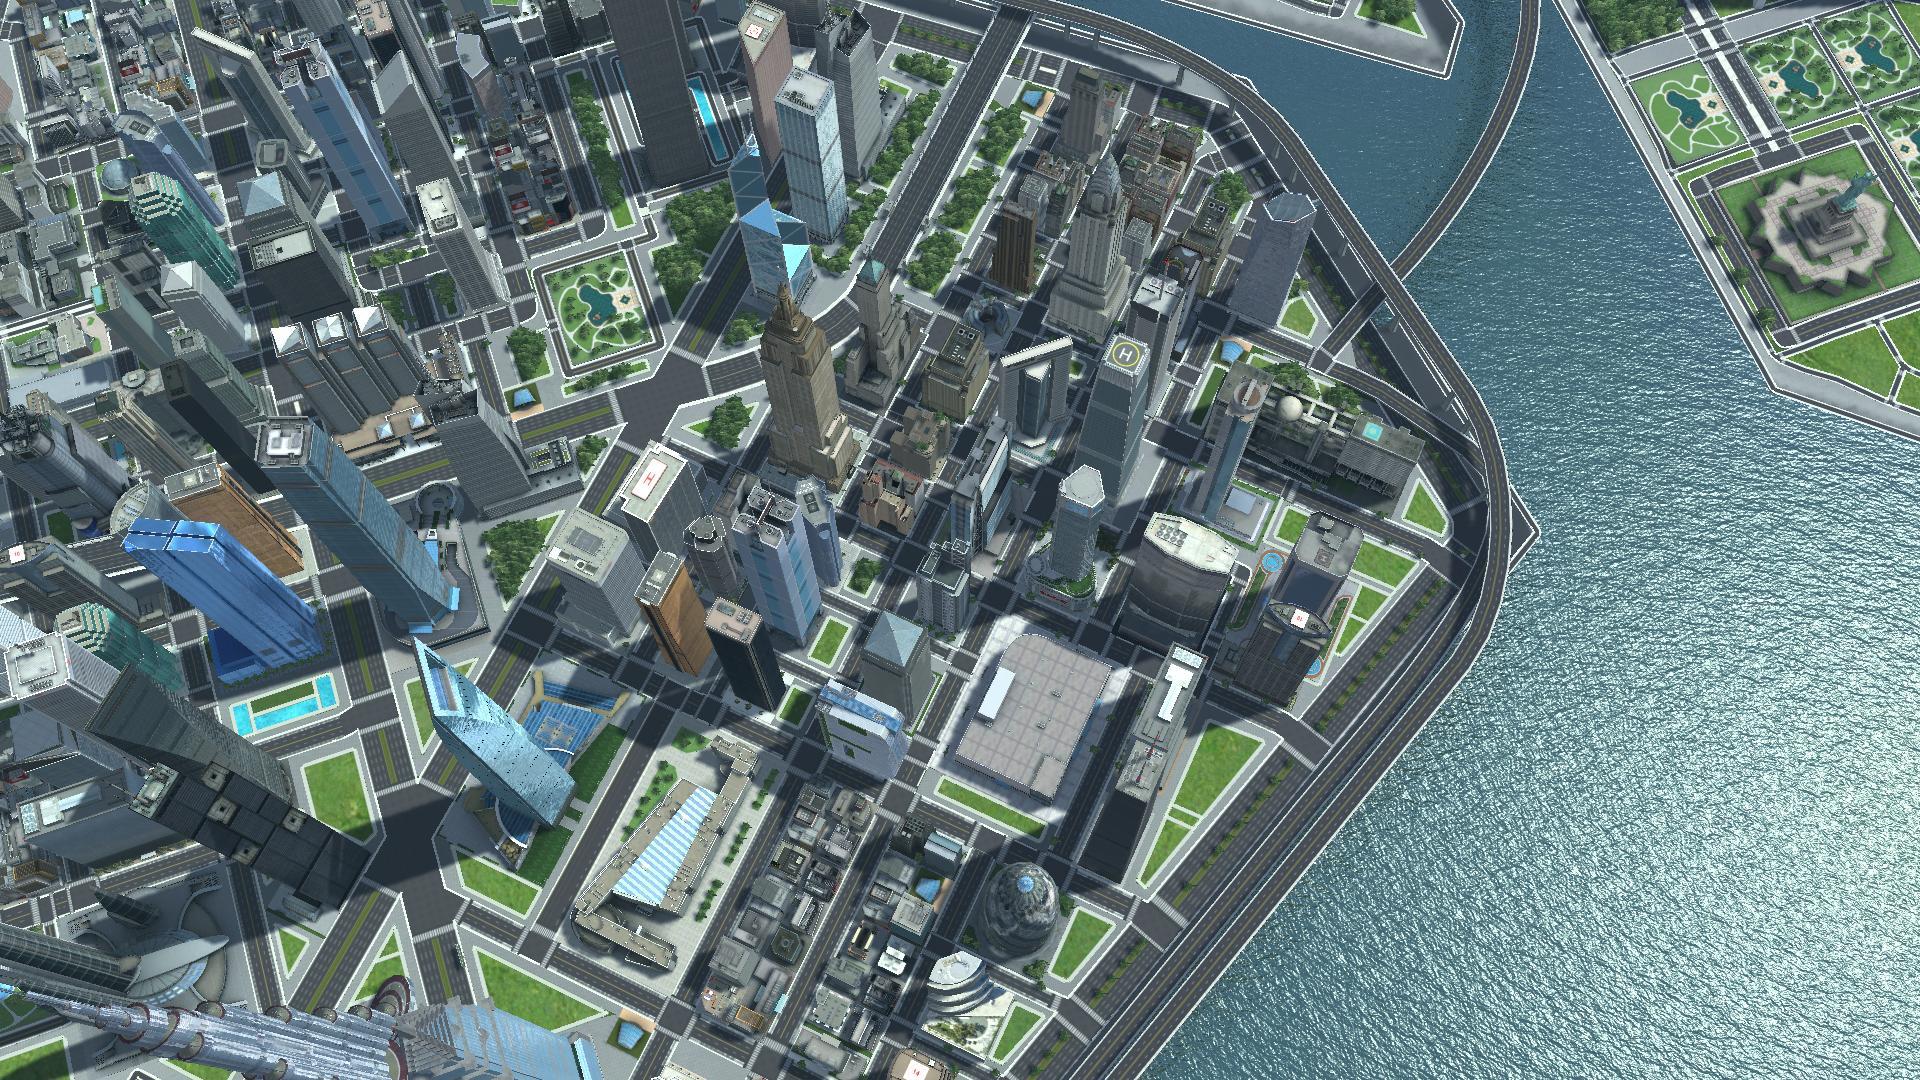 CitiesXL_2012 2014-11-06 16-51-42-14.jpg